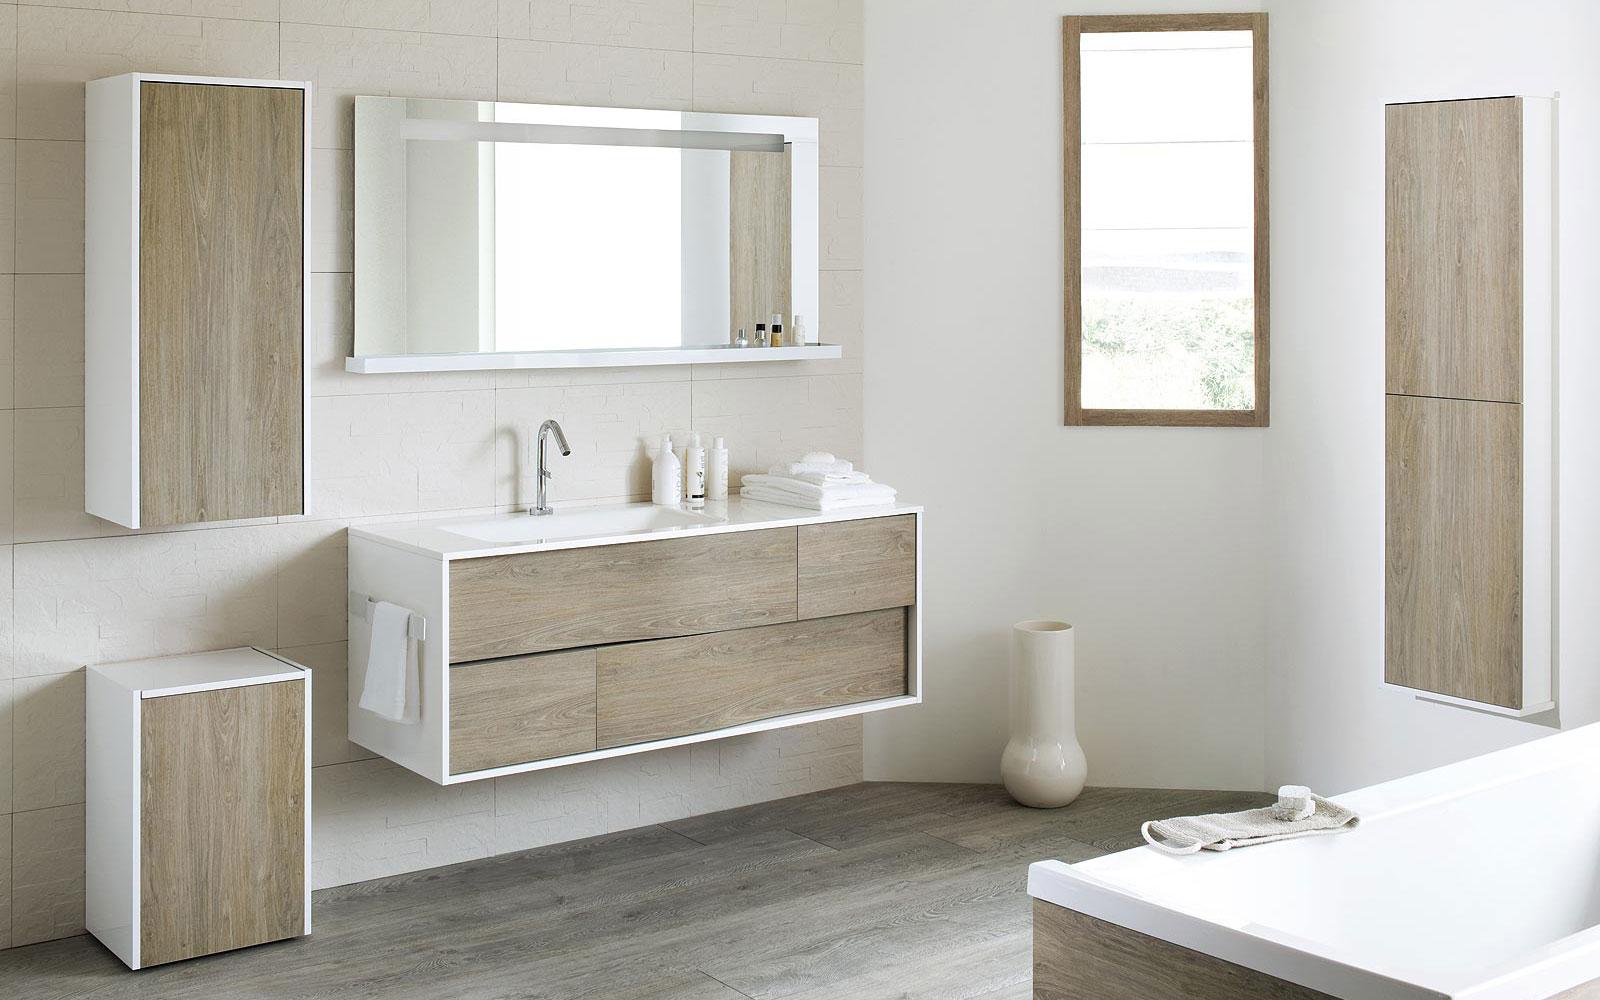 Les nouveaux volumes dans la salle de bain A5 NF C 15100